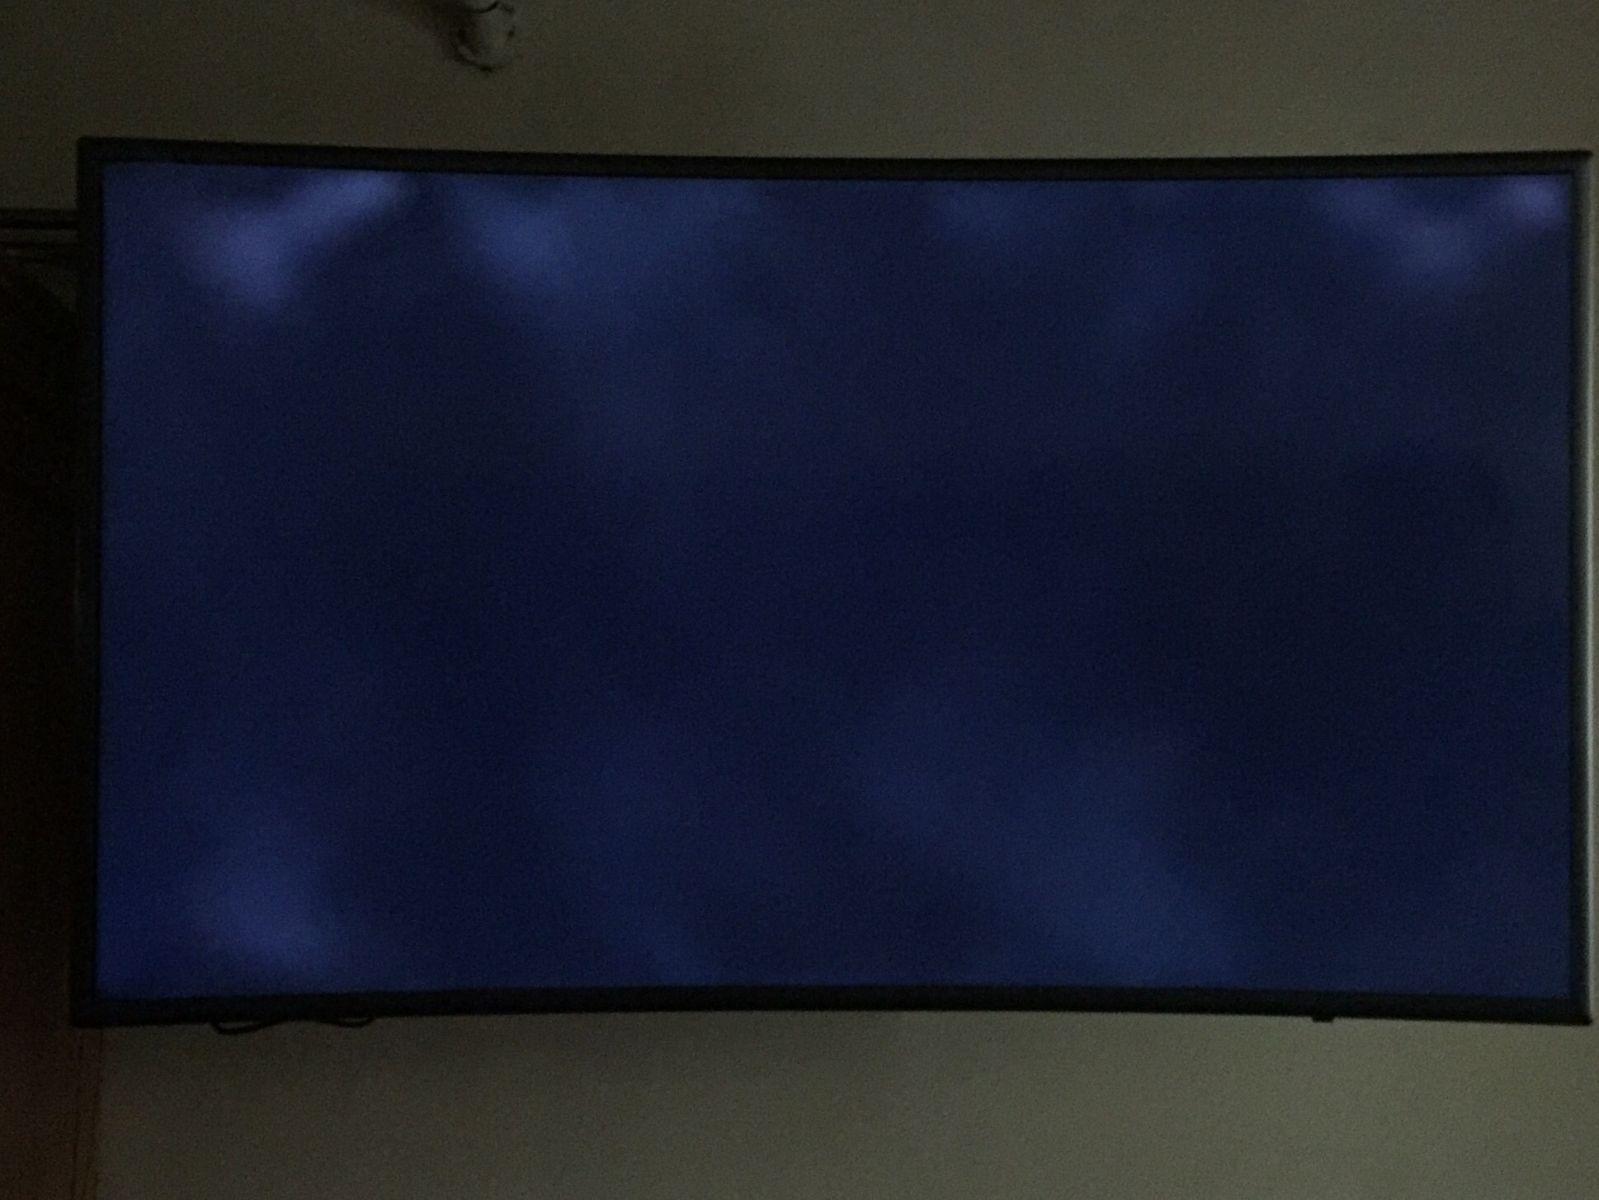 Thay màn hình tivi Panasonic uy tín tại nhà Hà Nội